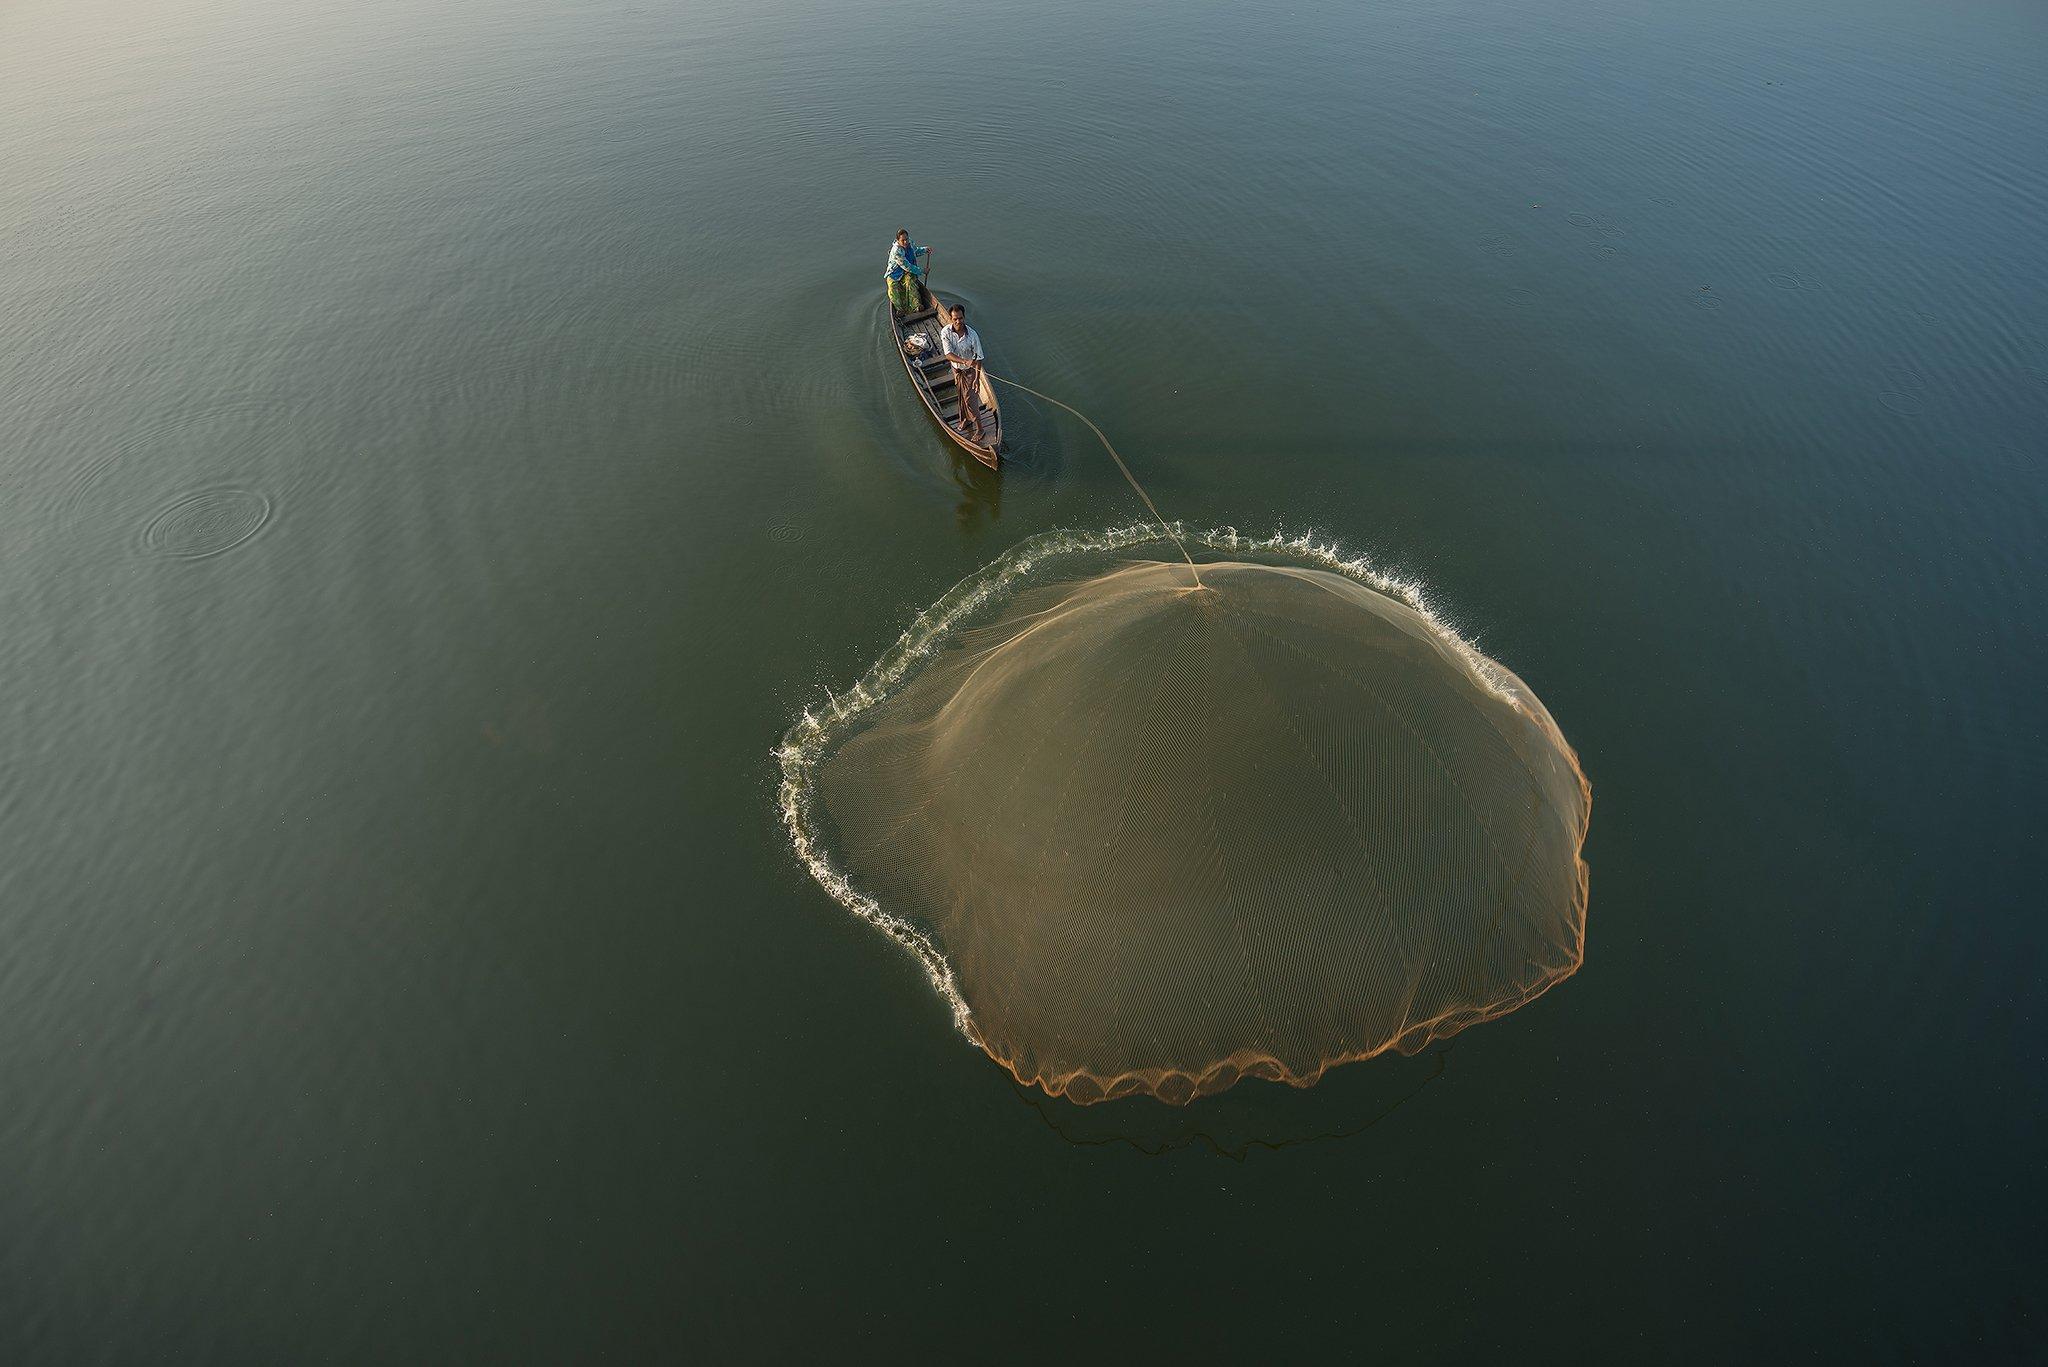 Fisherman, Amarapura, Mandalay, Burma, Myanmar, sarawut intarob